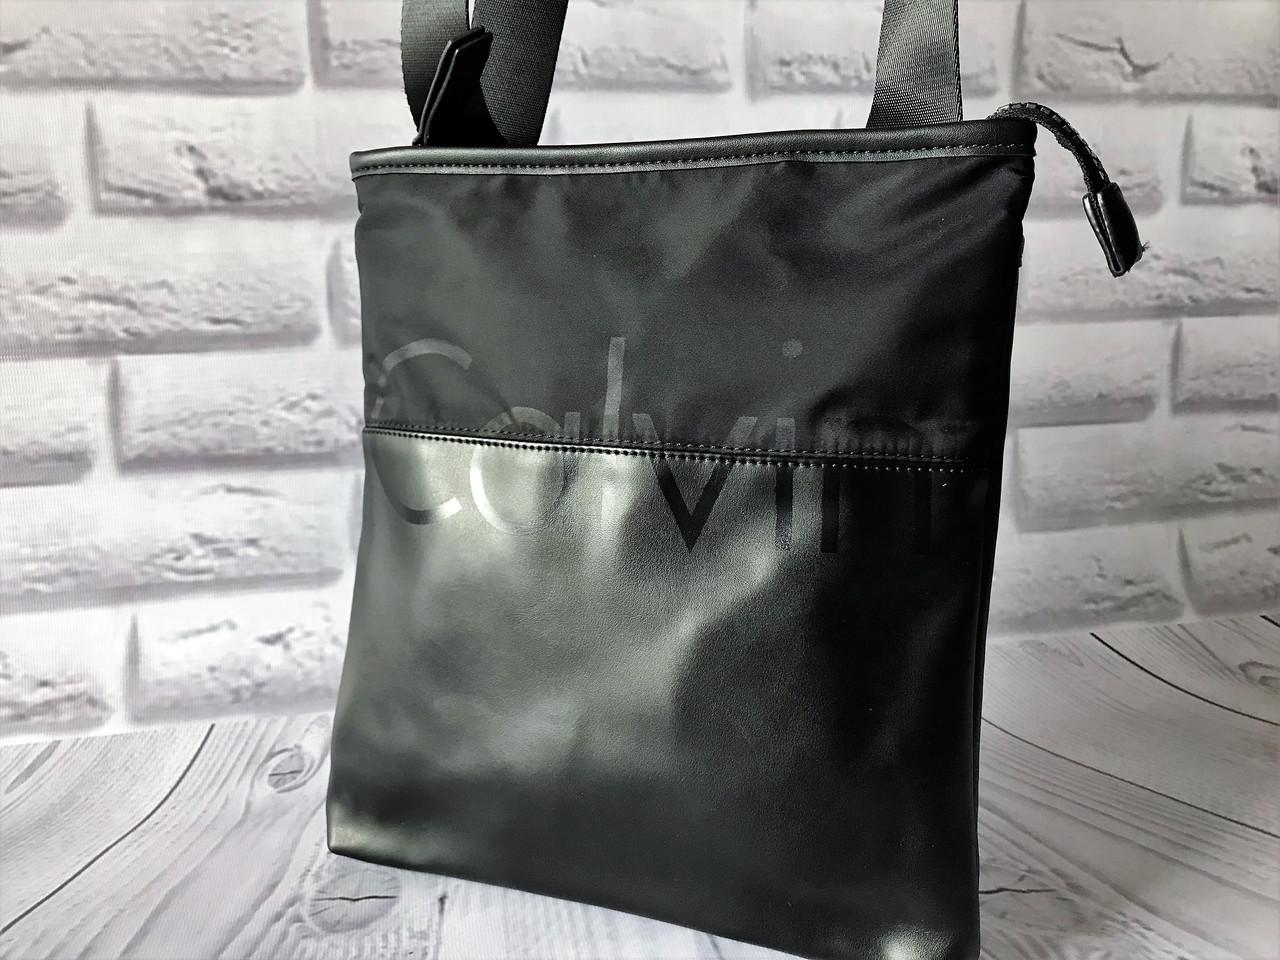 bec4eeed16b7 Мужская сумка через плечо реплика Calvin Klein - Интернет магазин  tsarsky-shop.com в